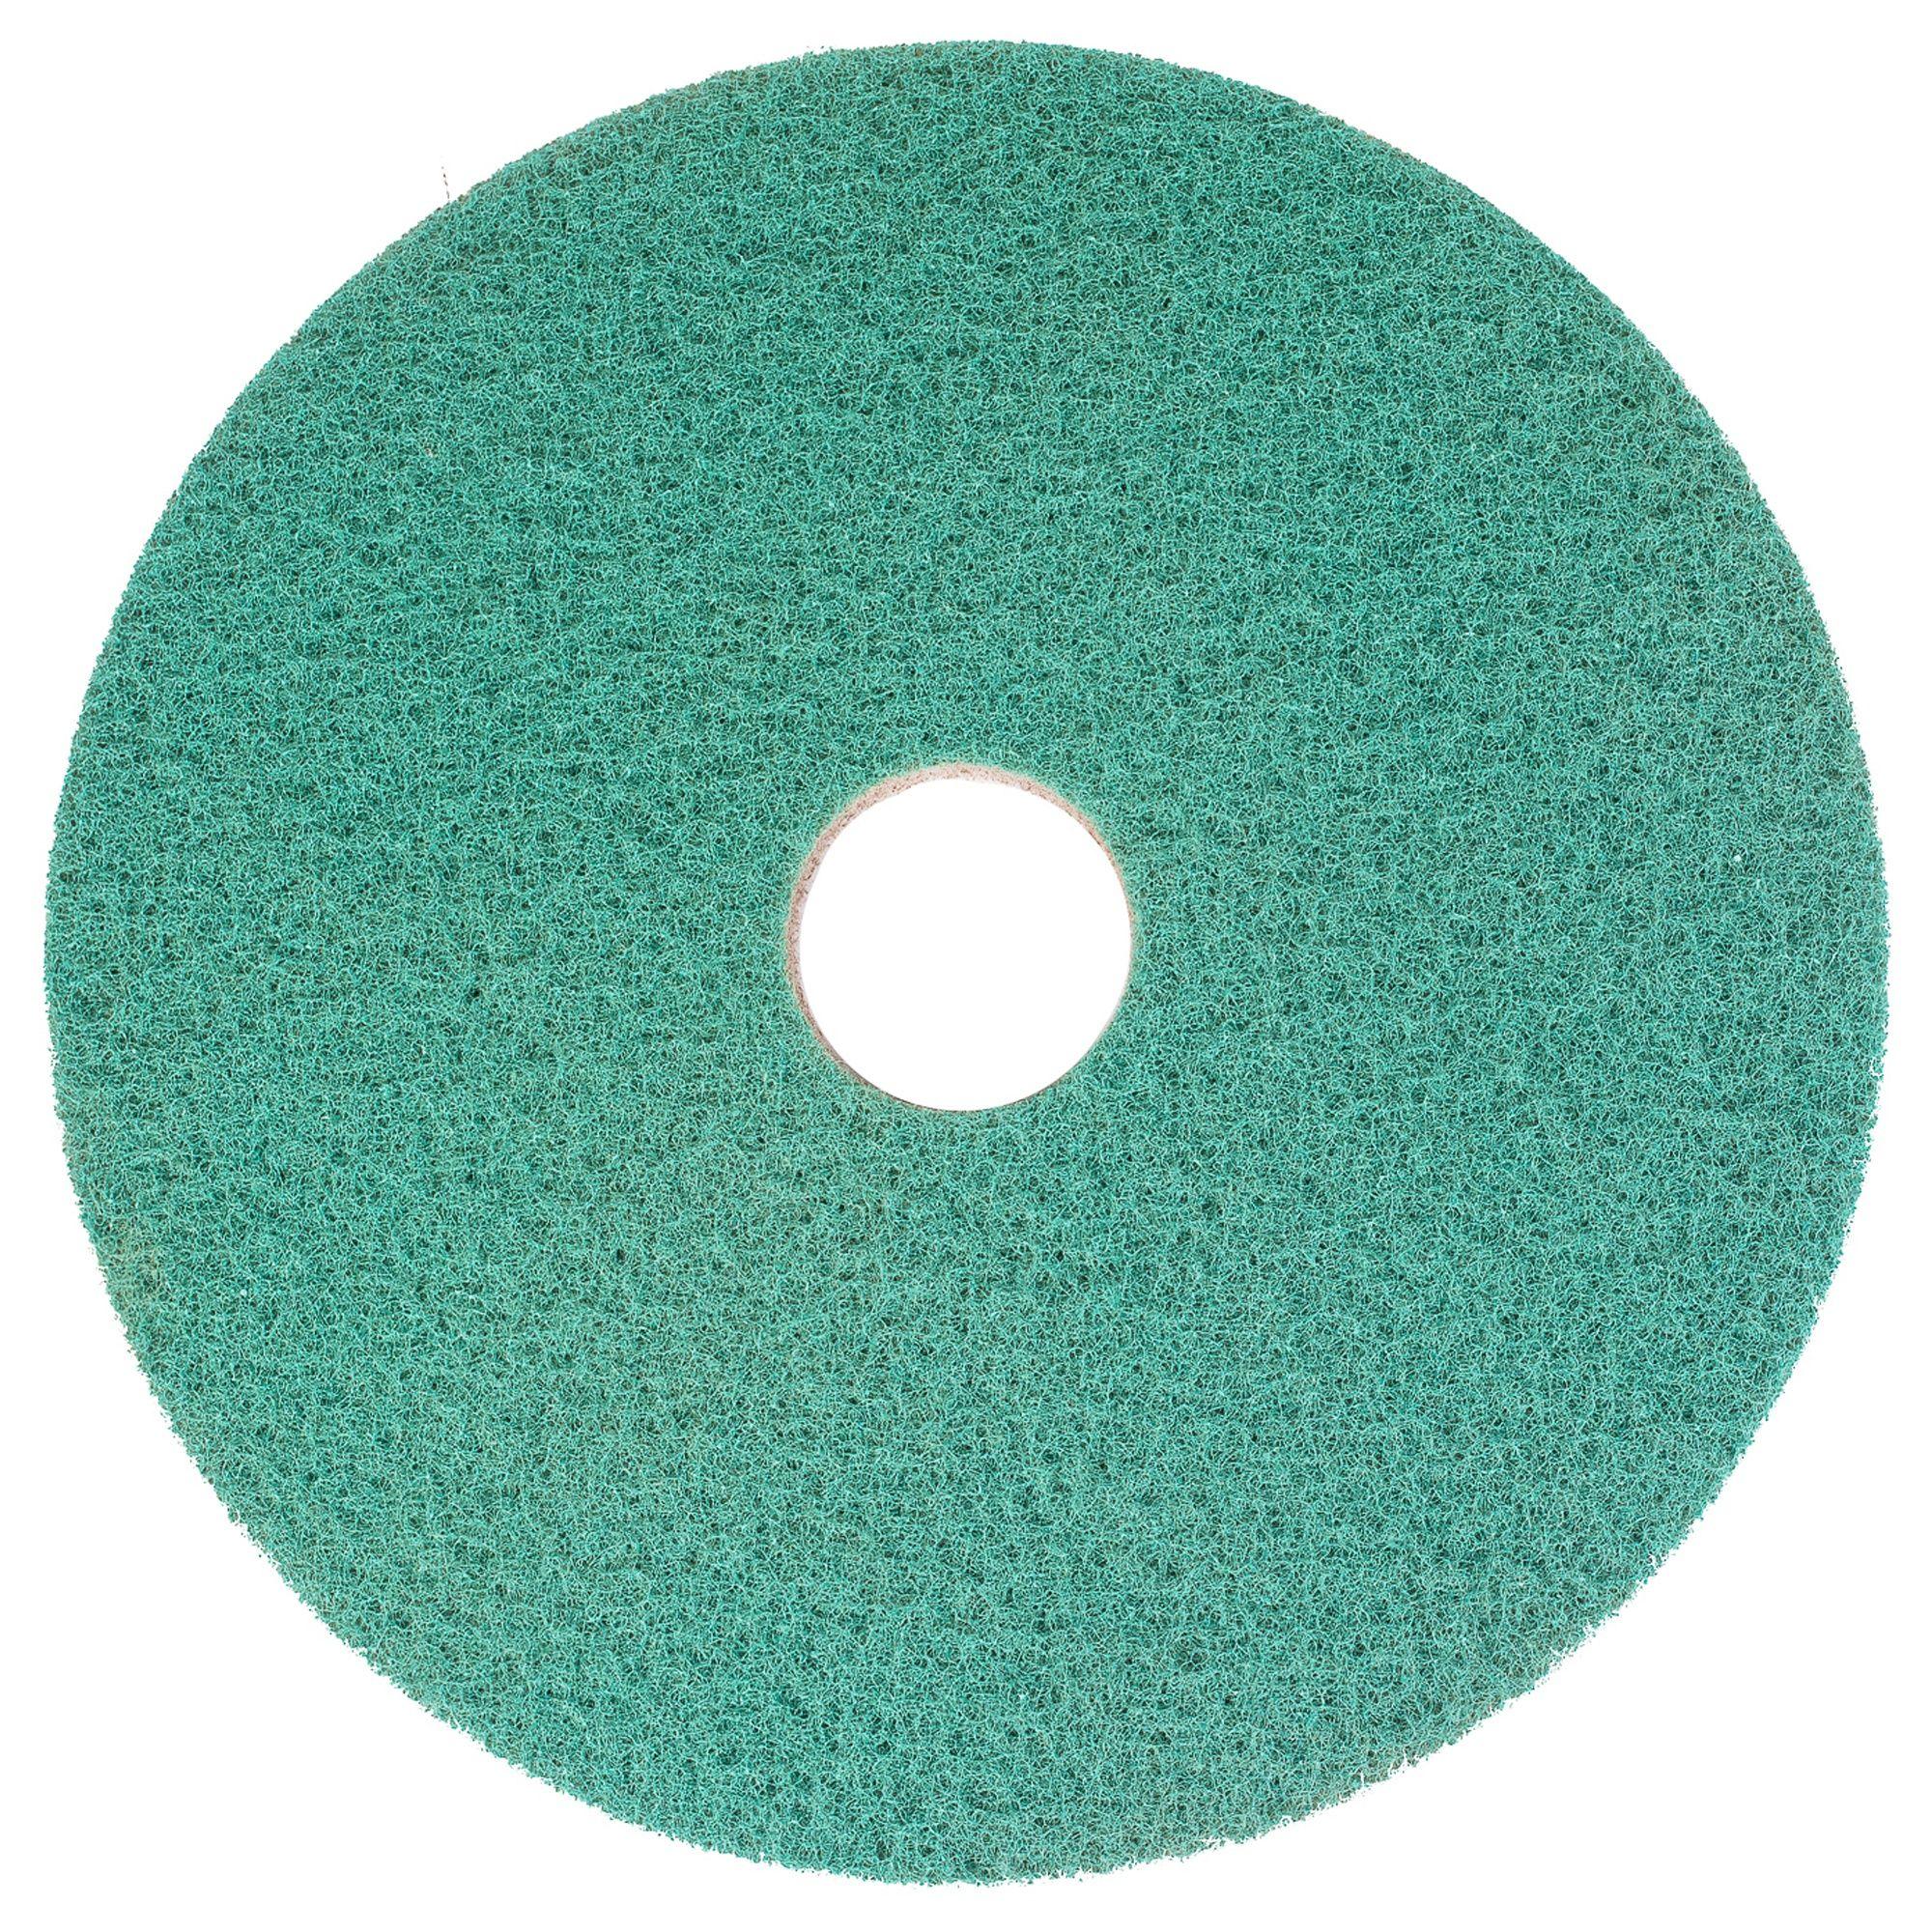 NuPad WaterOnly groen (polijsten), per 2 stuks, 20 inch / 508 mm